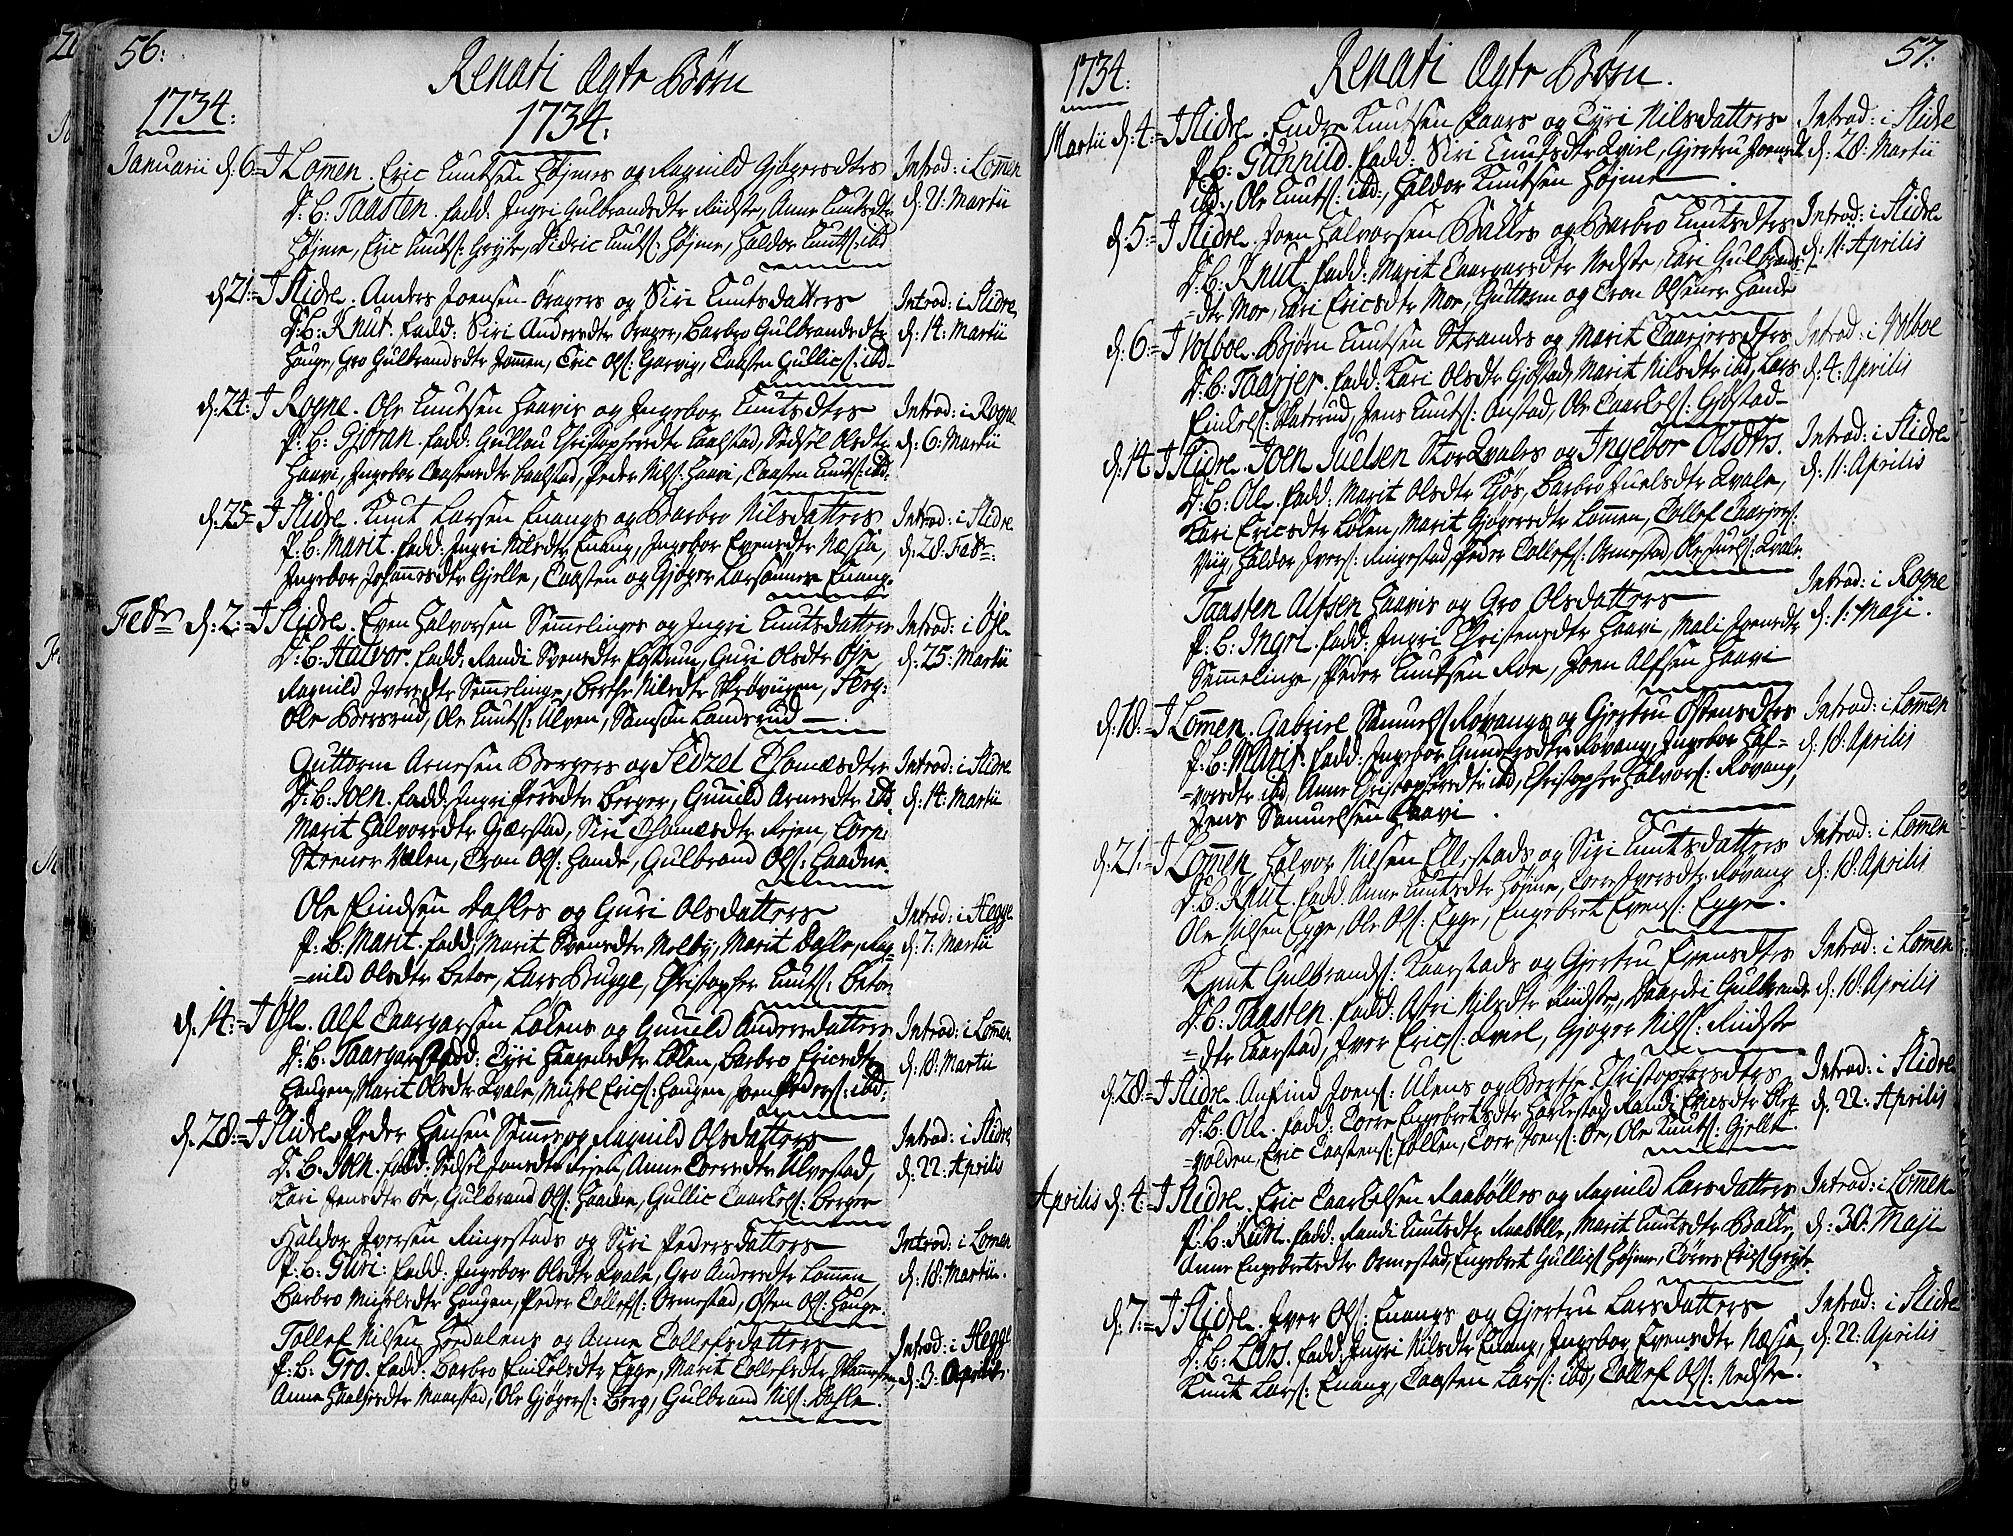 SAH, Slidre prestekontor, Ministerialbok nr. 1, 1724-1814, s. 56-57